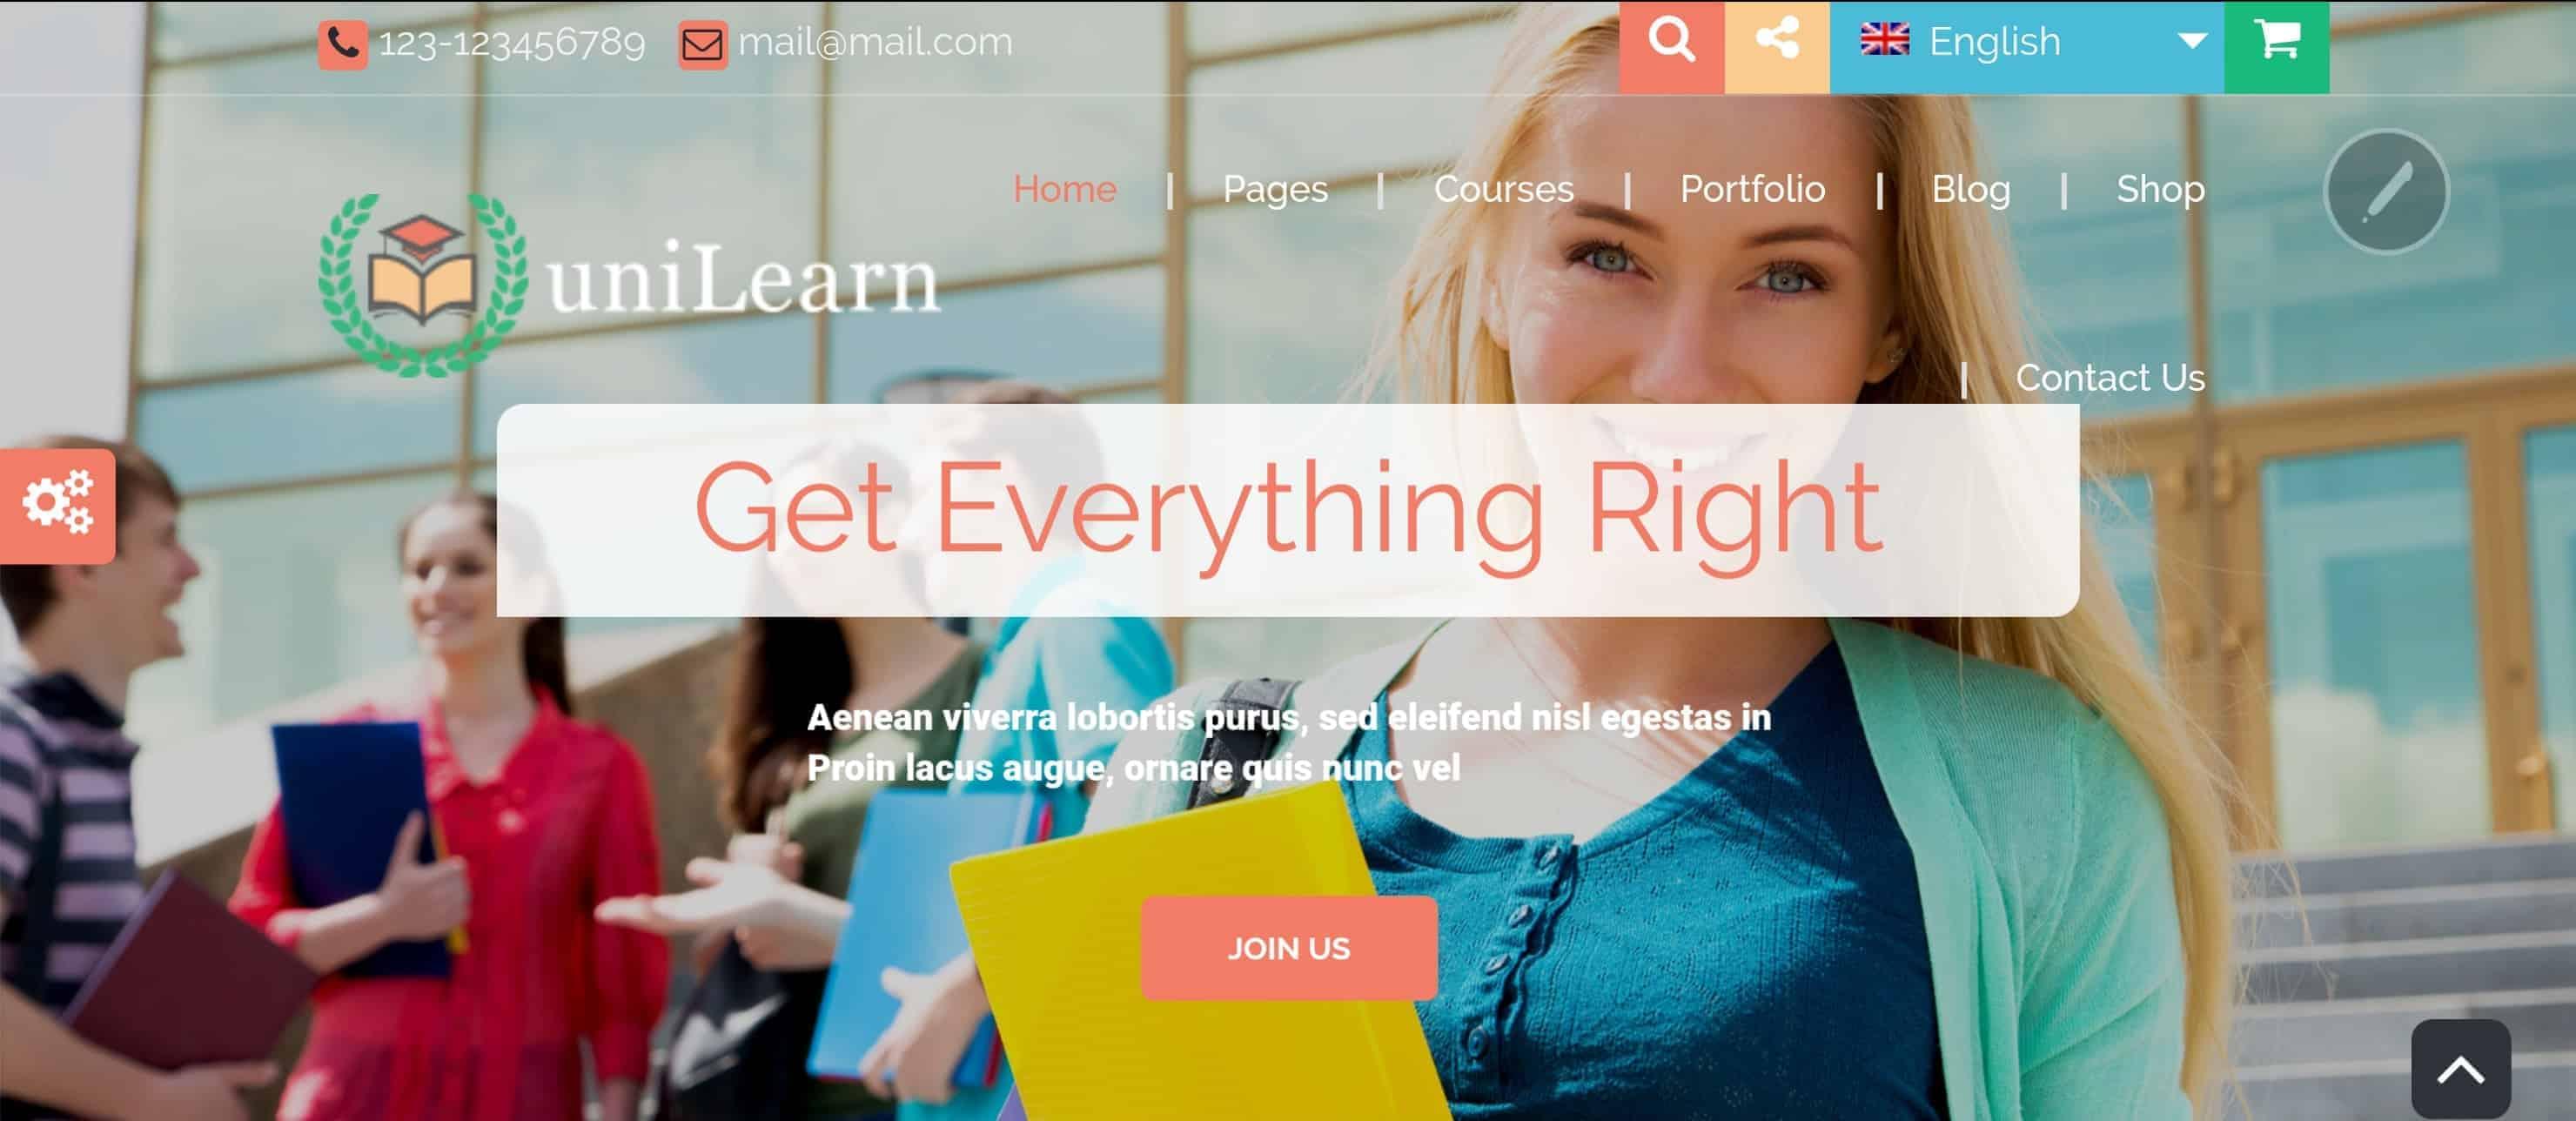 UniLearn - Motyw WordPress dla szkół isprzedaży / obsługi kursów online